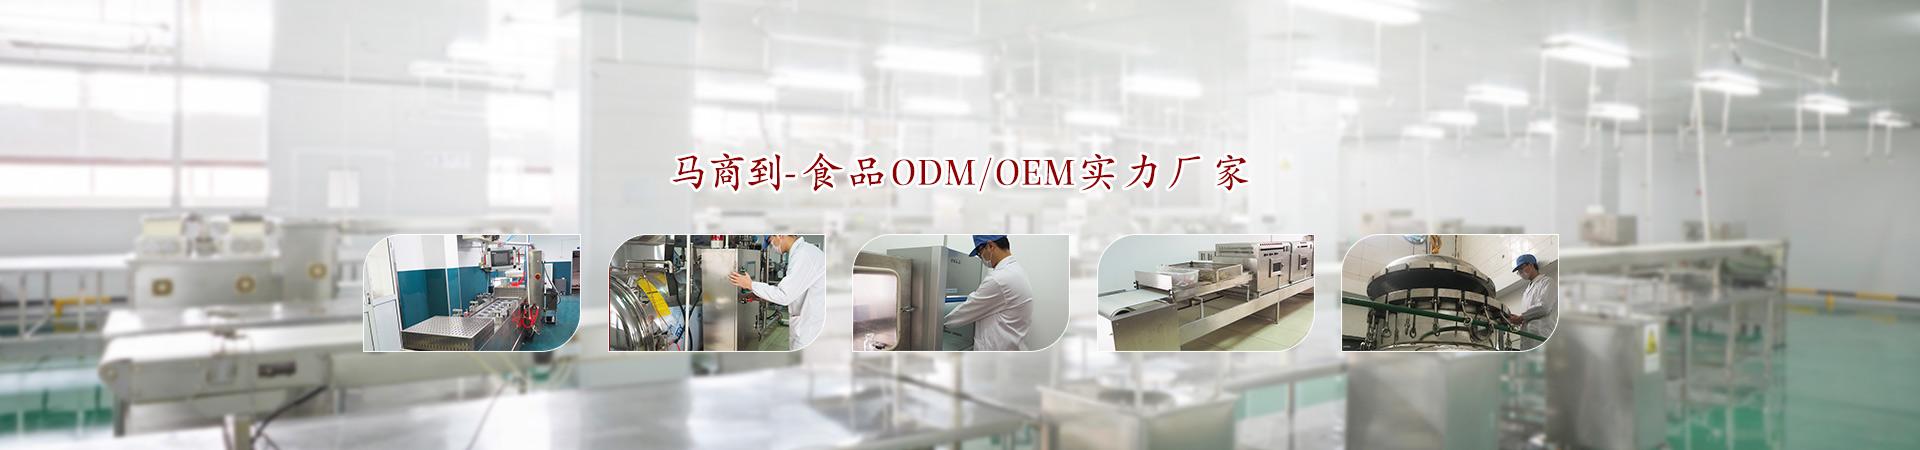 """""""马商到""""——食品ODM/OEM实力厂家"""